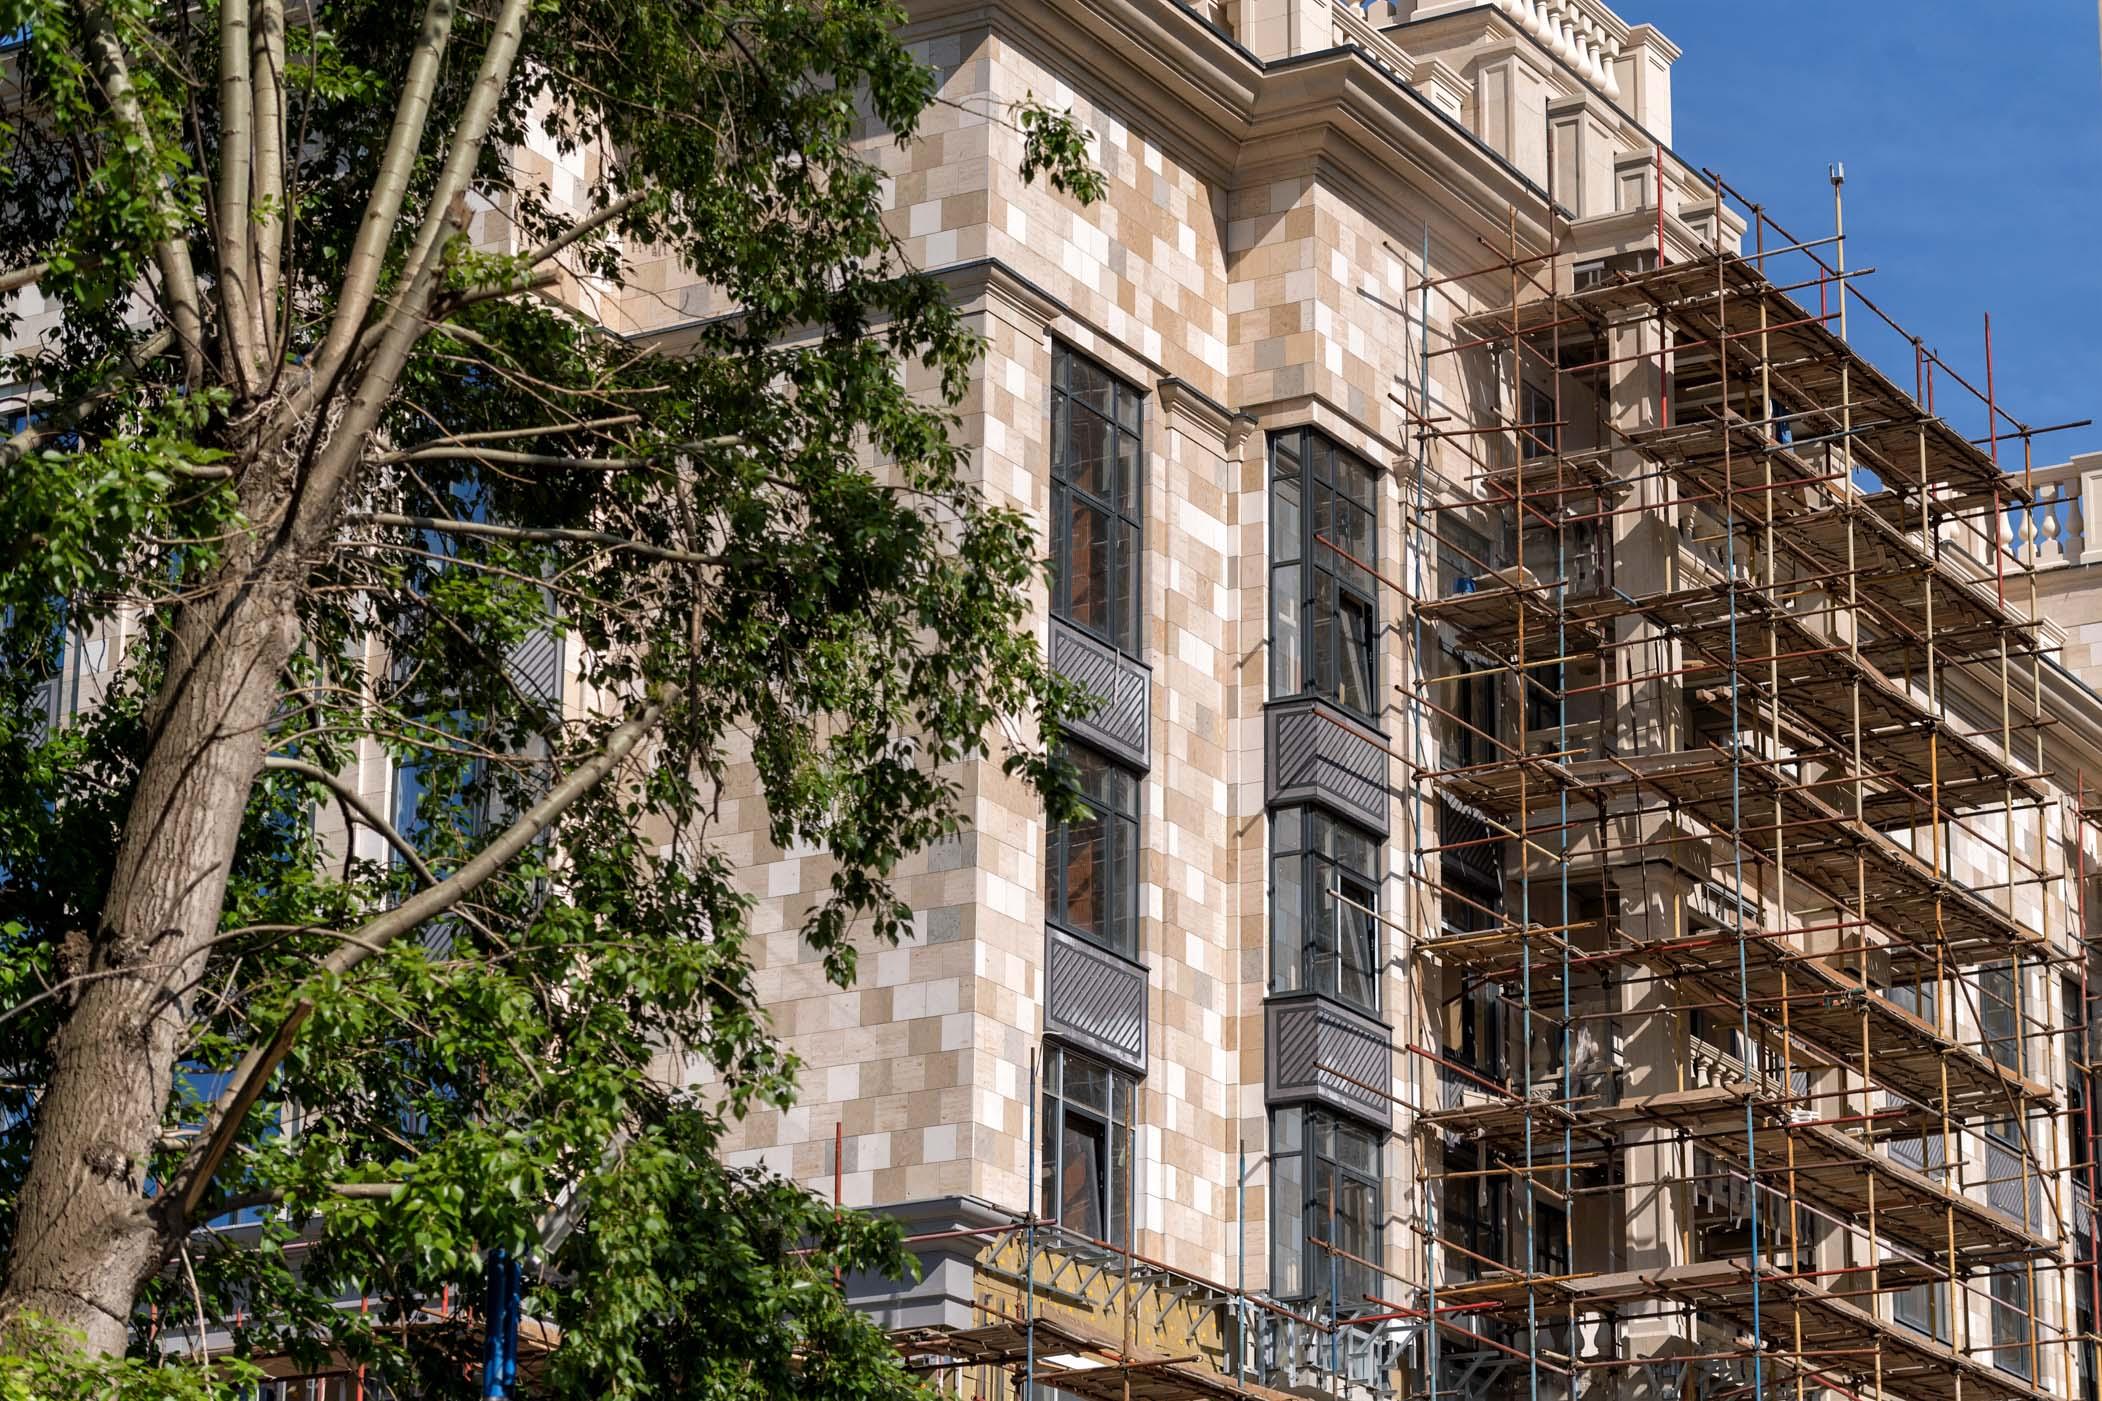 Ижевск строительная компания фри-дом строительная компания технология строительство каркасных домов